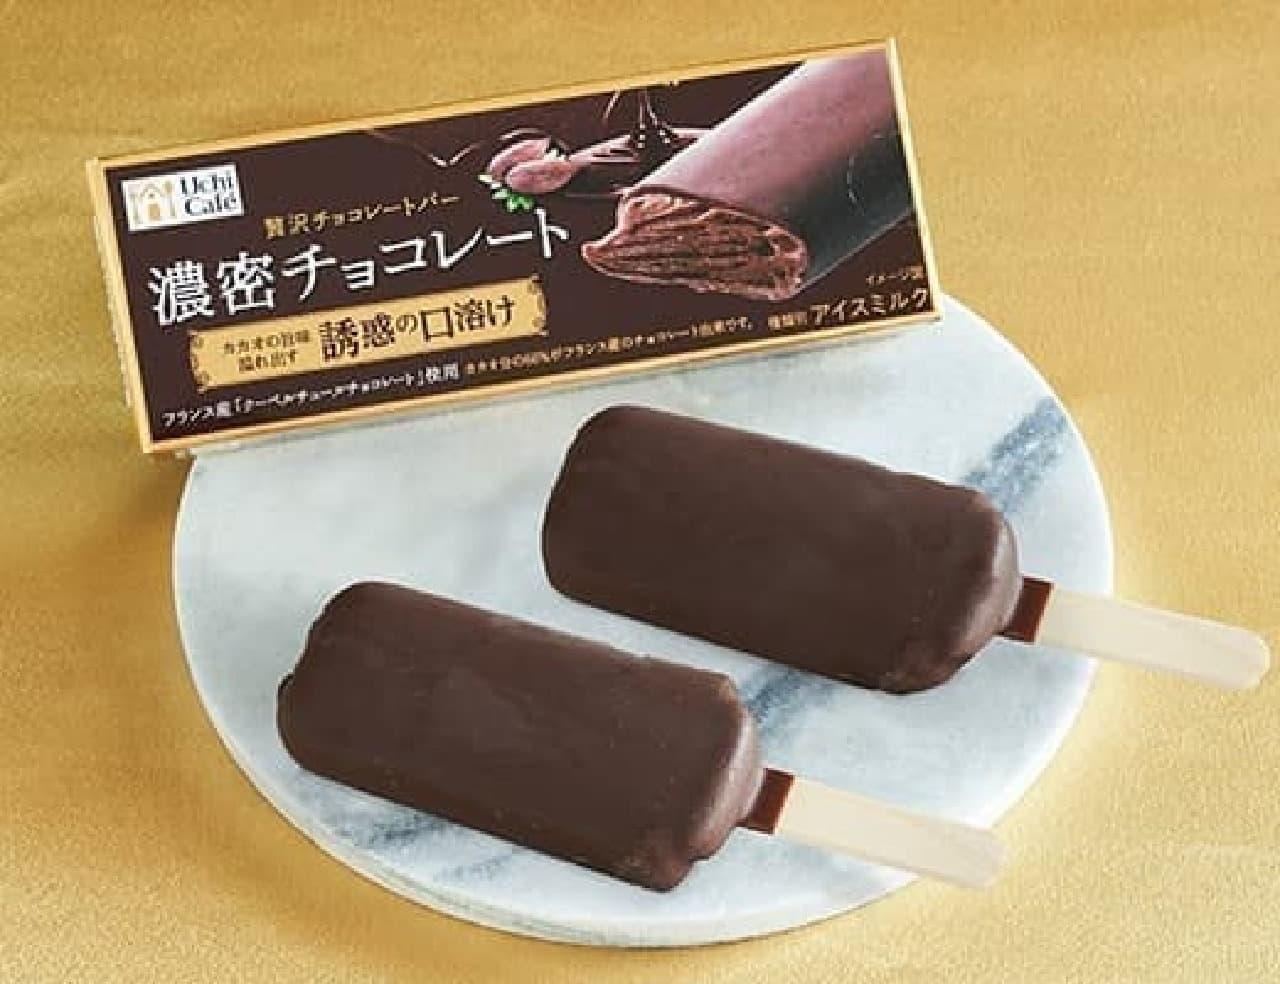 ローソン「ウチカフェ 贅沢チョコバー濃密チョコレート」